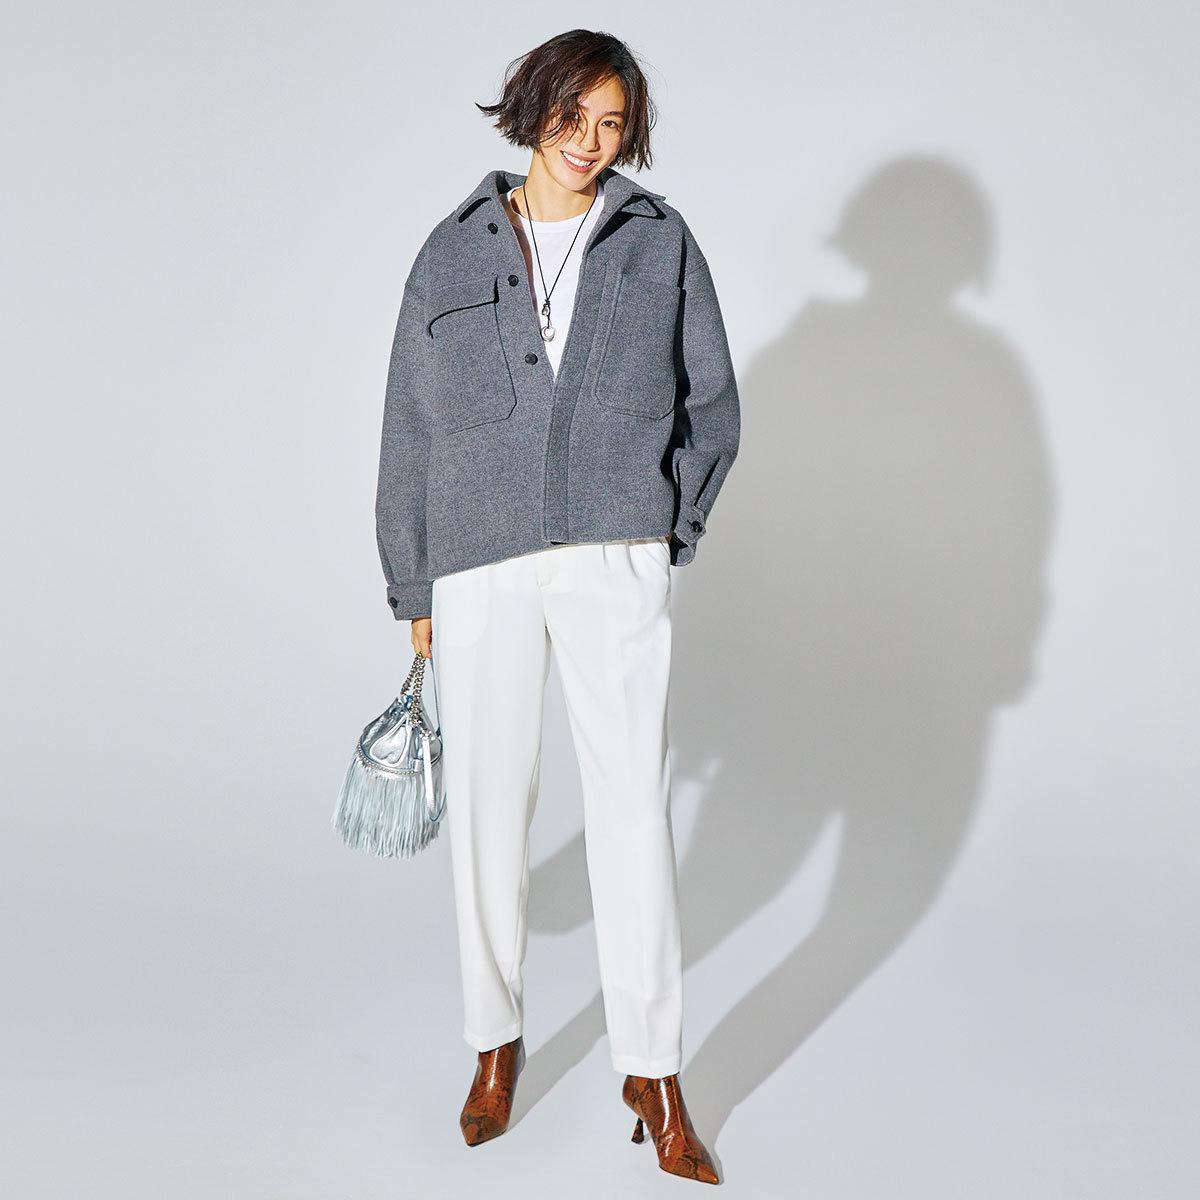 ジャケット×白パンツ×上品アニマル柄のショートブーツコーデ